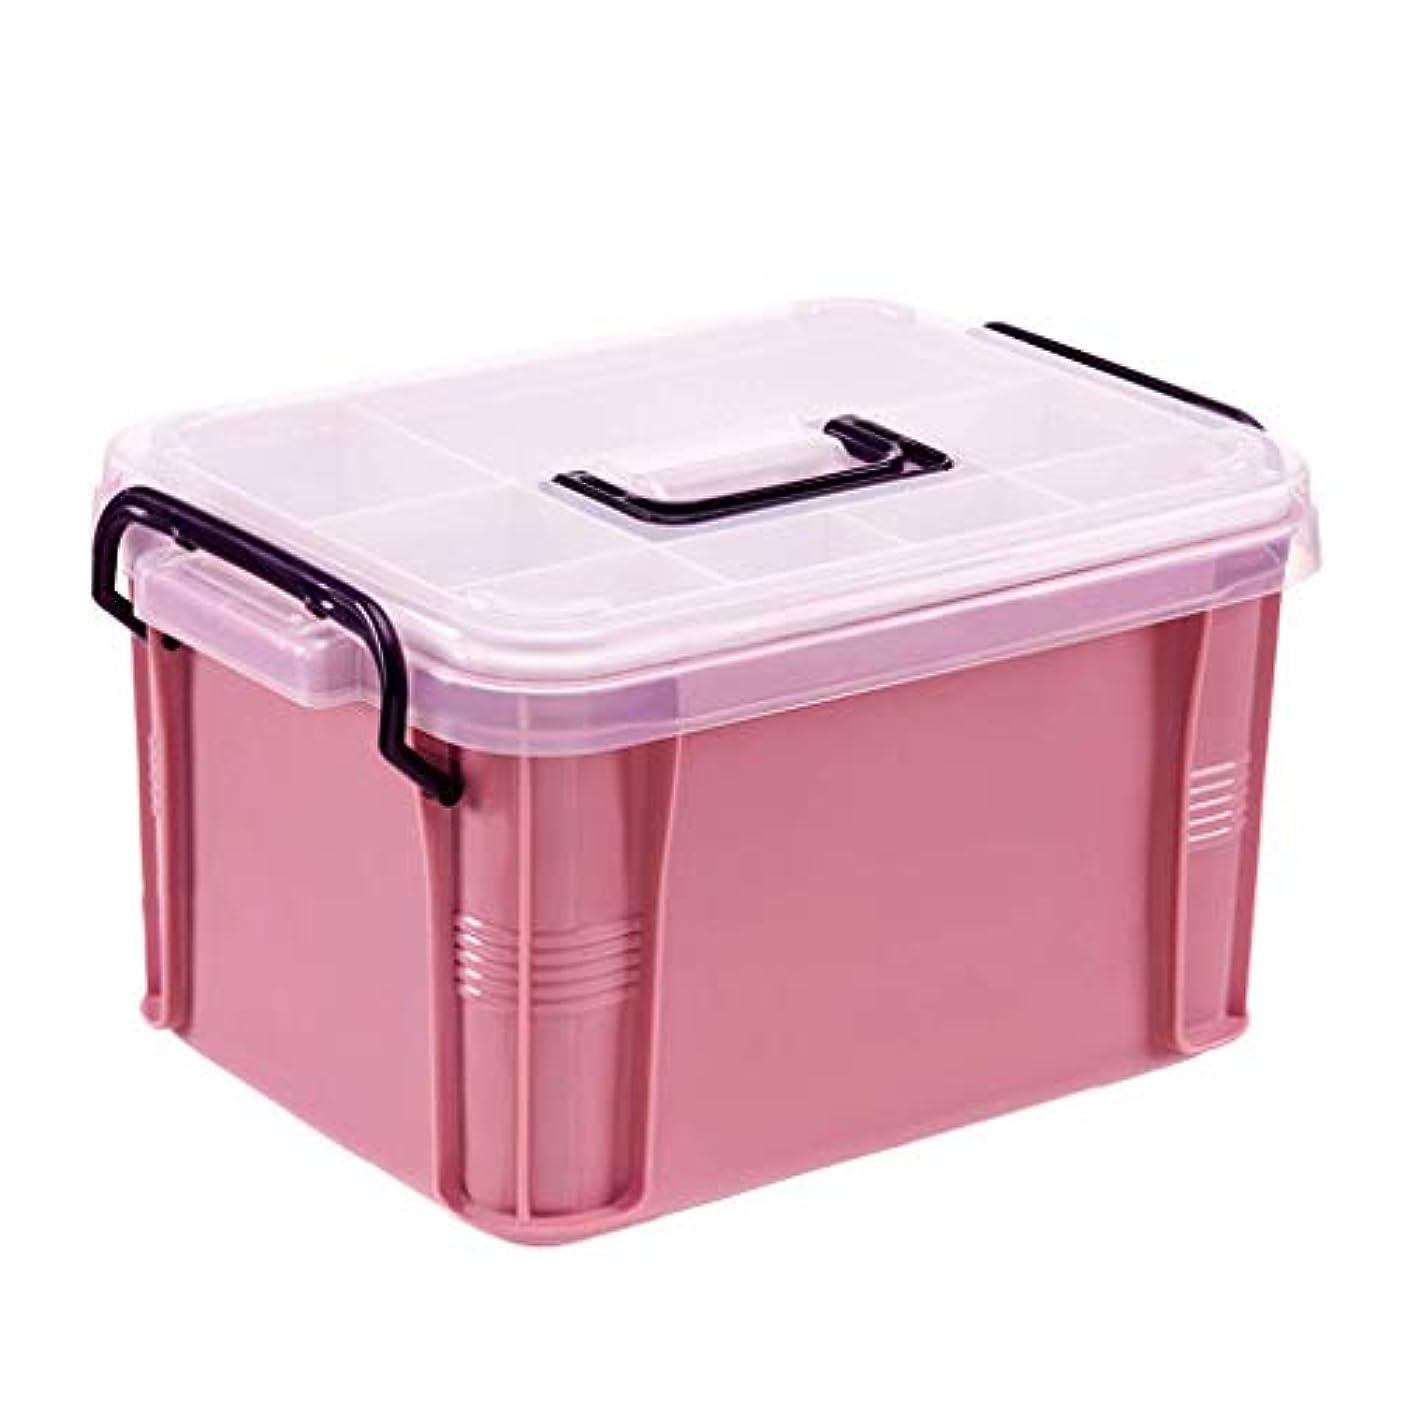 発言するビジュアルウェーハ薬箱、プラスチック収納ピルケース、家庭用応急処置キット、多機能薬箱、収納ボックスオーガナイザー